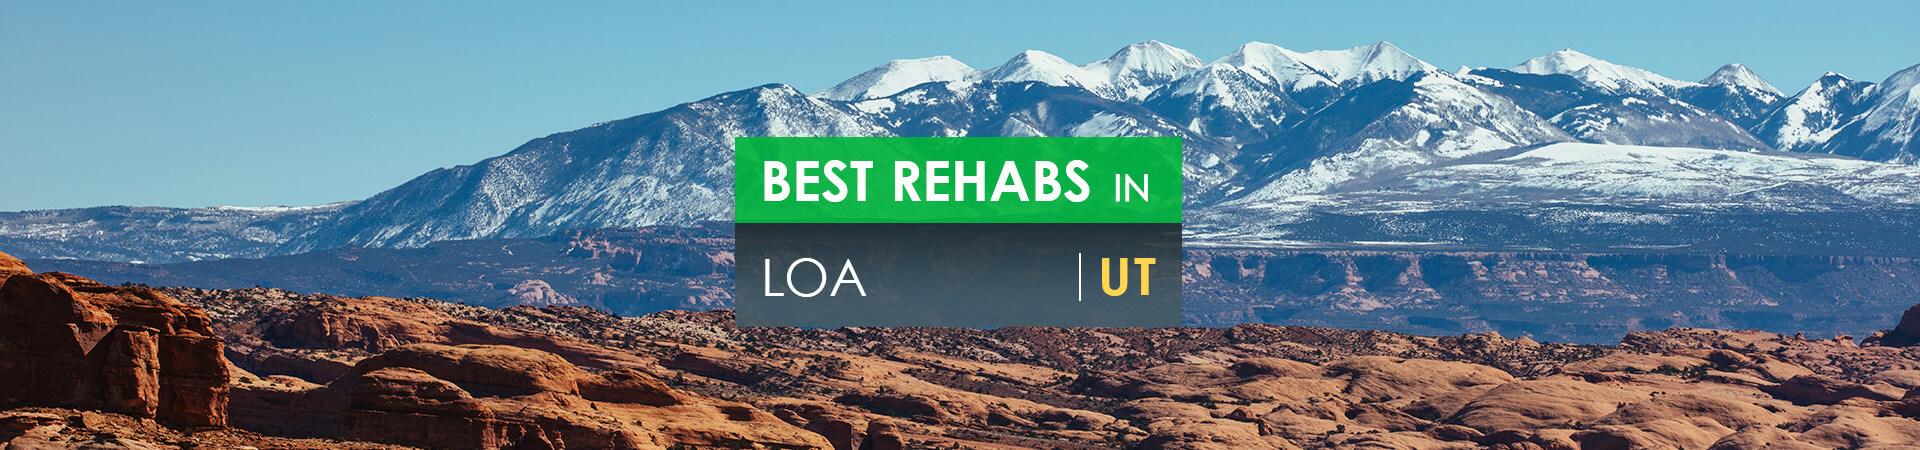 Best rehabs in Loa, UT